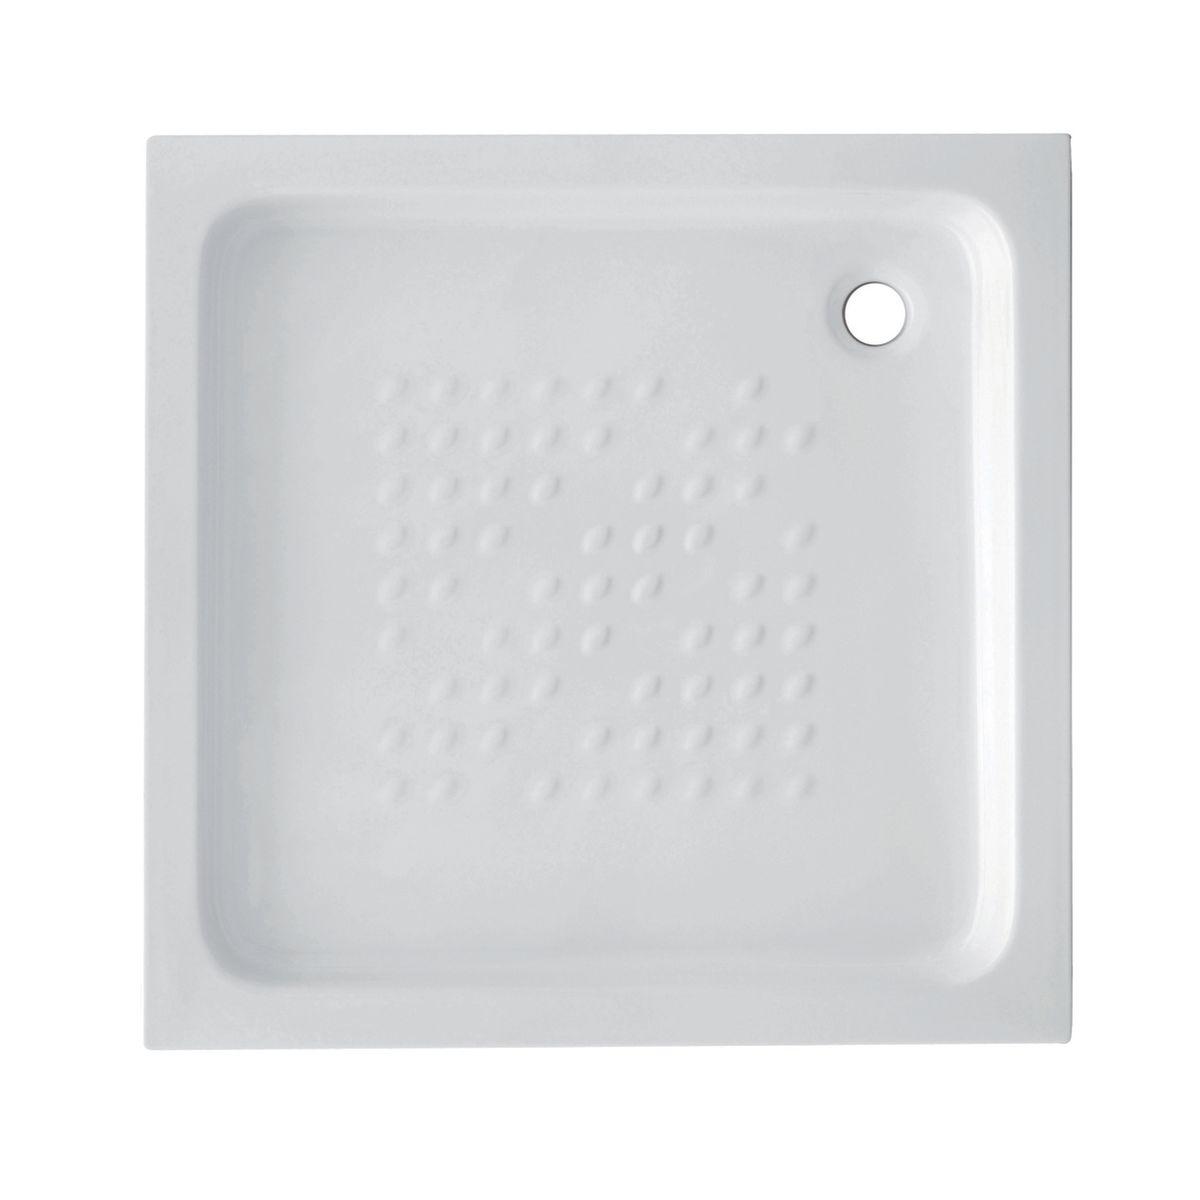 Piatto doccia ceramica quadro 70 x 70 cm bianco prezzi e for Tralicci leroy merlin